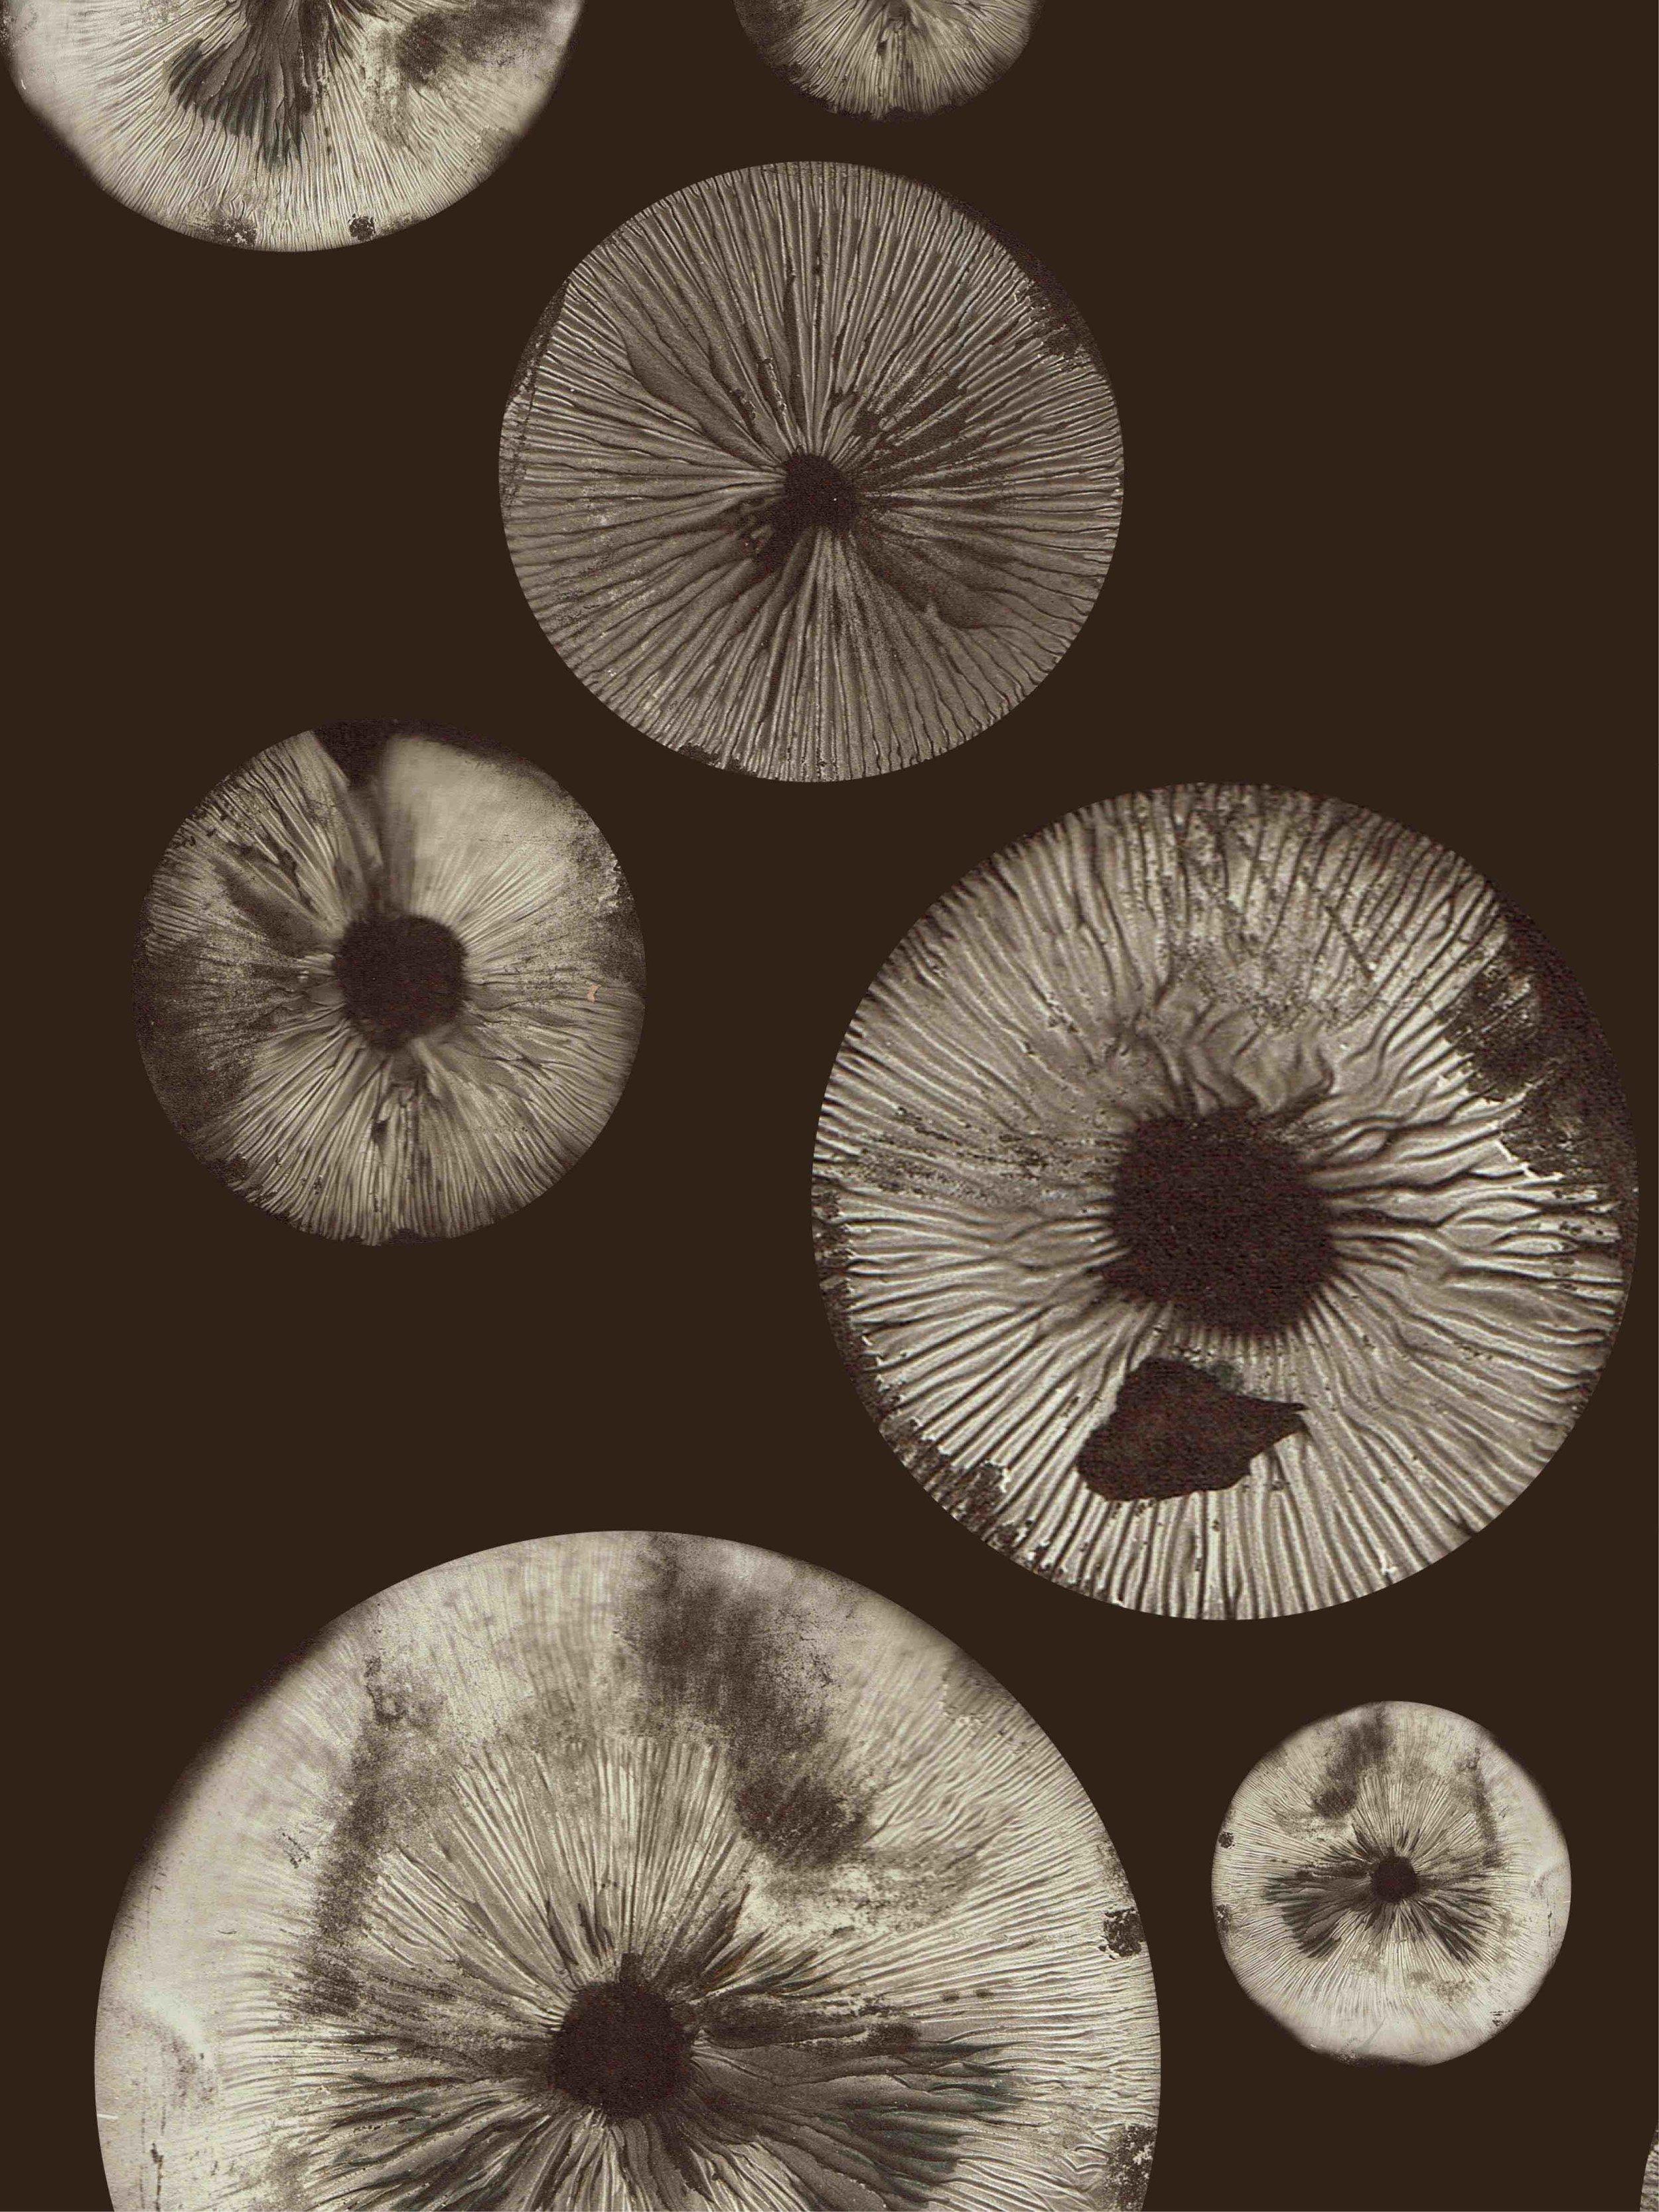 mushroom5 chocolate 500kb.jpg